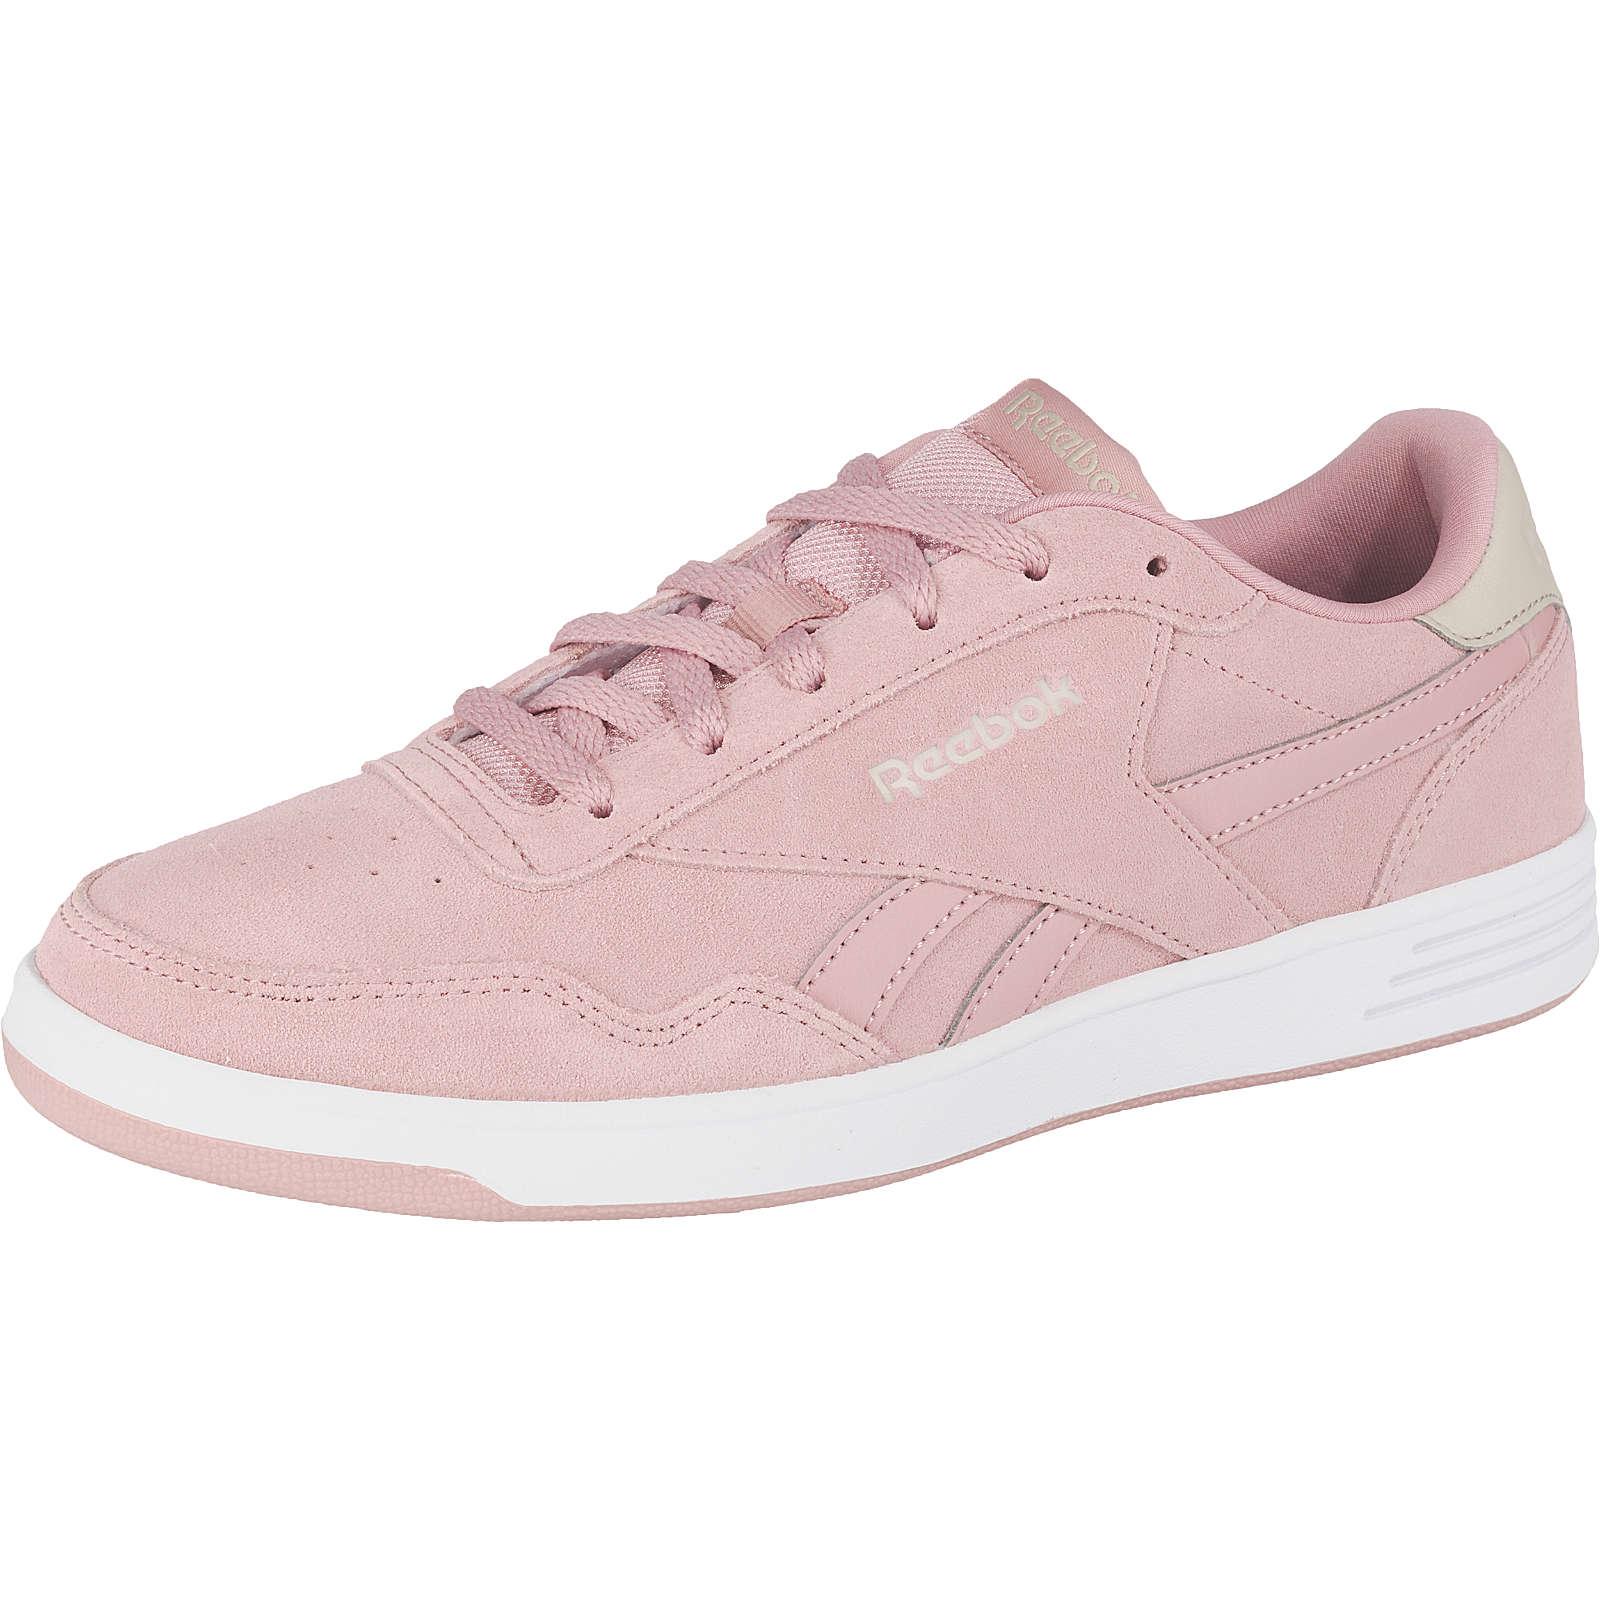 Reebok Royal Techqu Sneakers Low rosa Damen Gr. 41